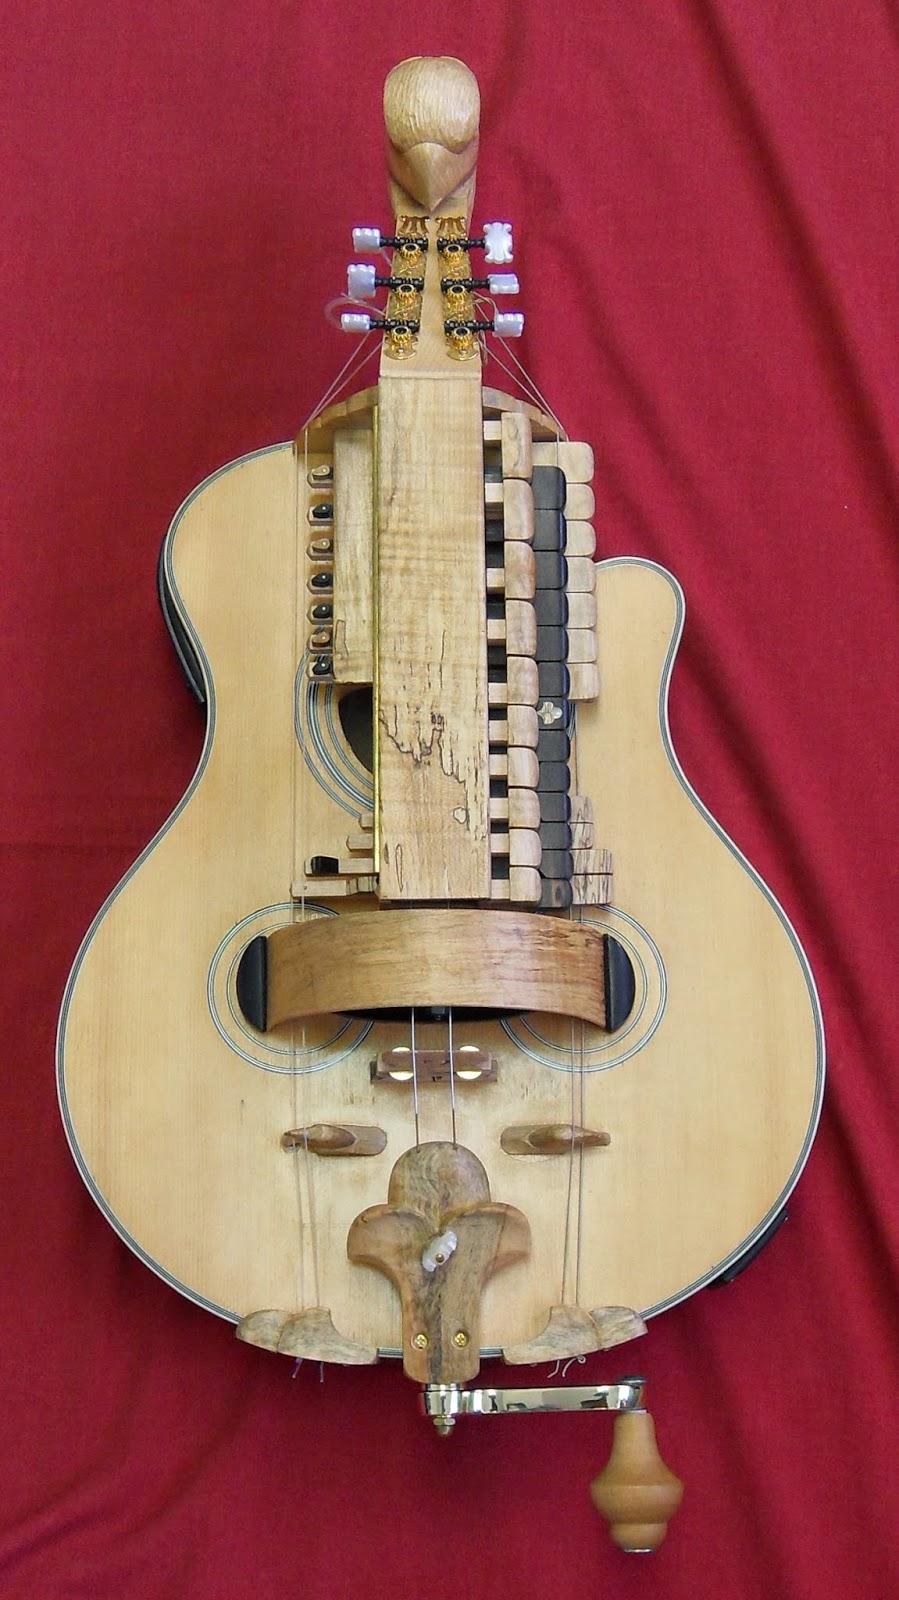 joel peyton, luthier: my hurdy gurdy